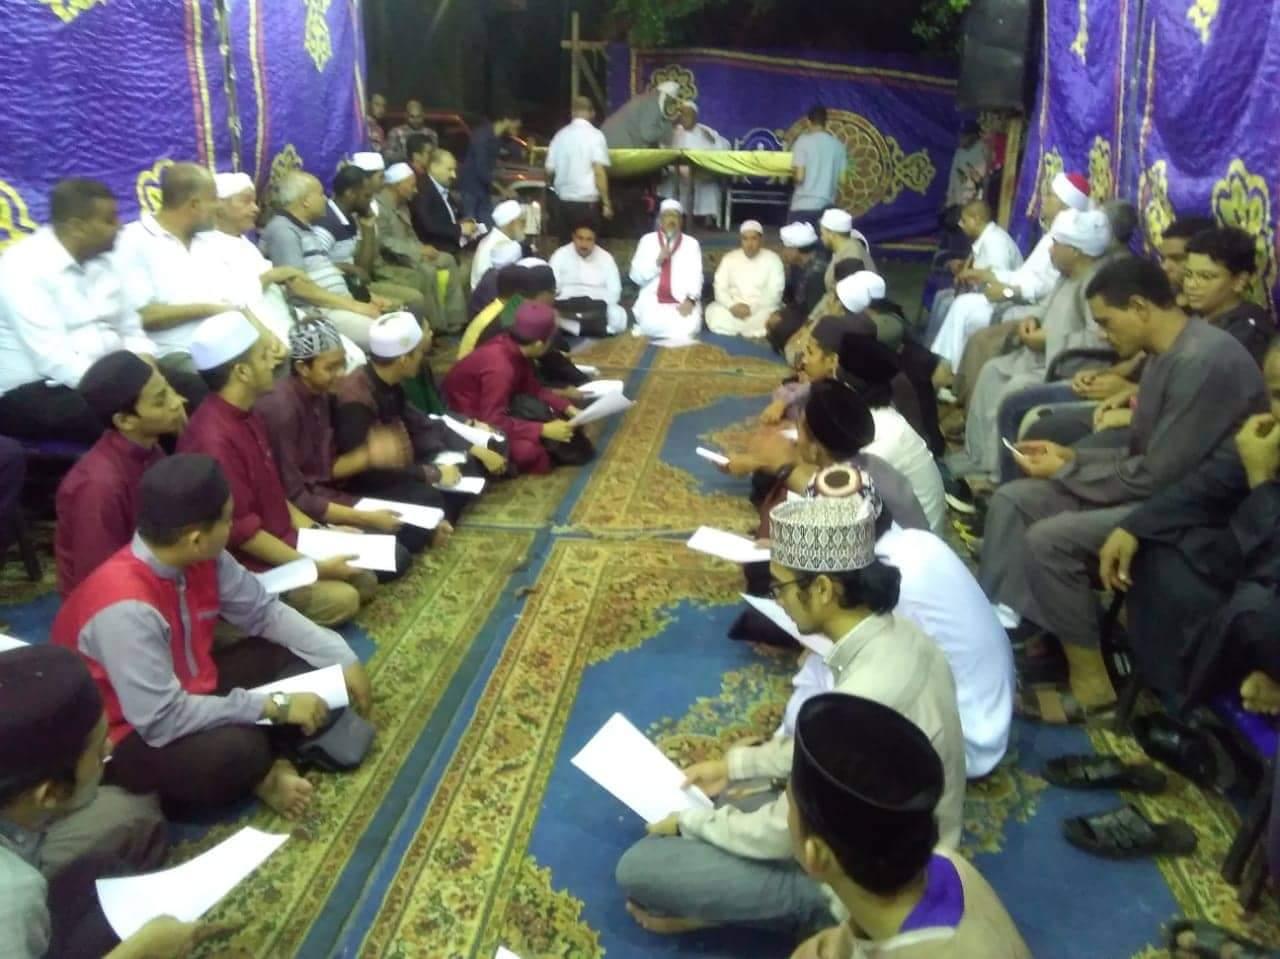 الطرق الصوفية تحيى الليلة الختامية لمولد سيدى جابر (4)